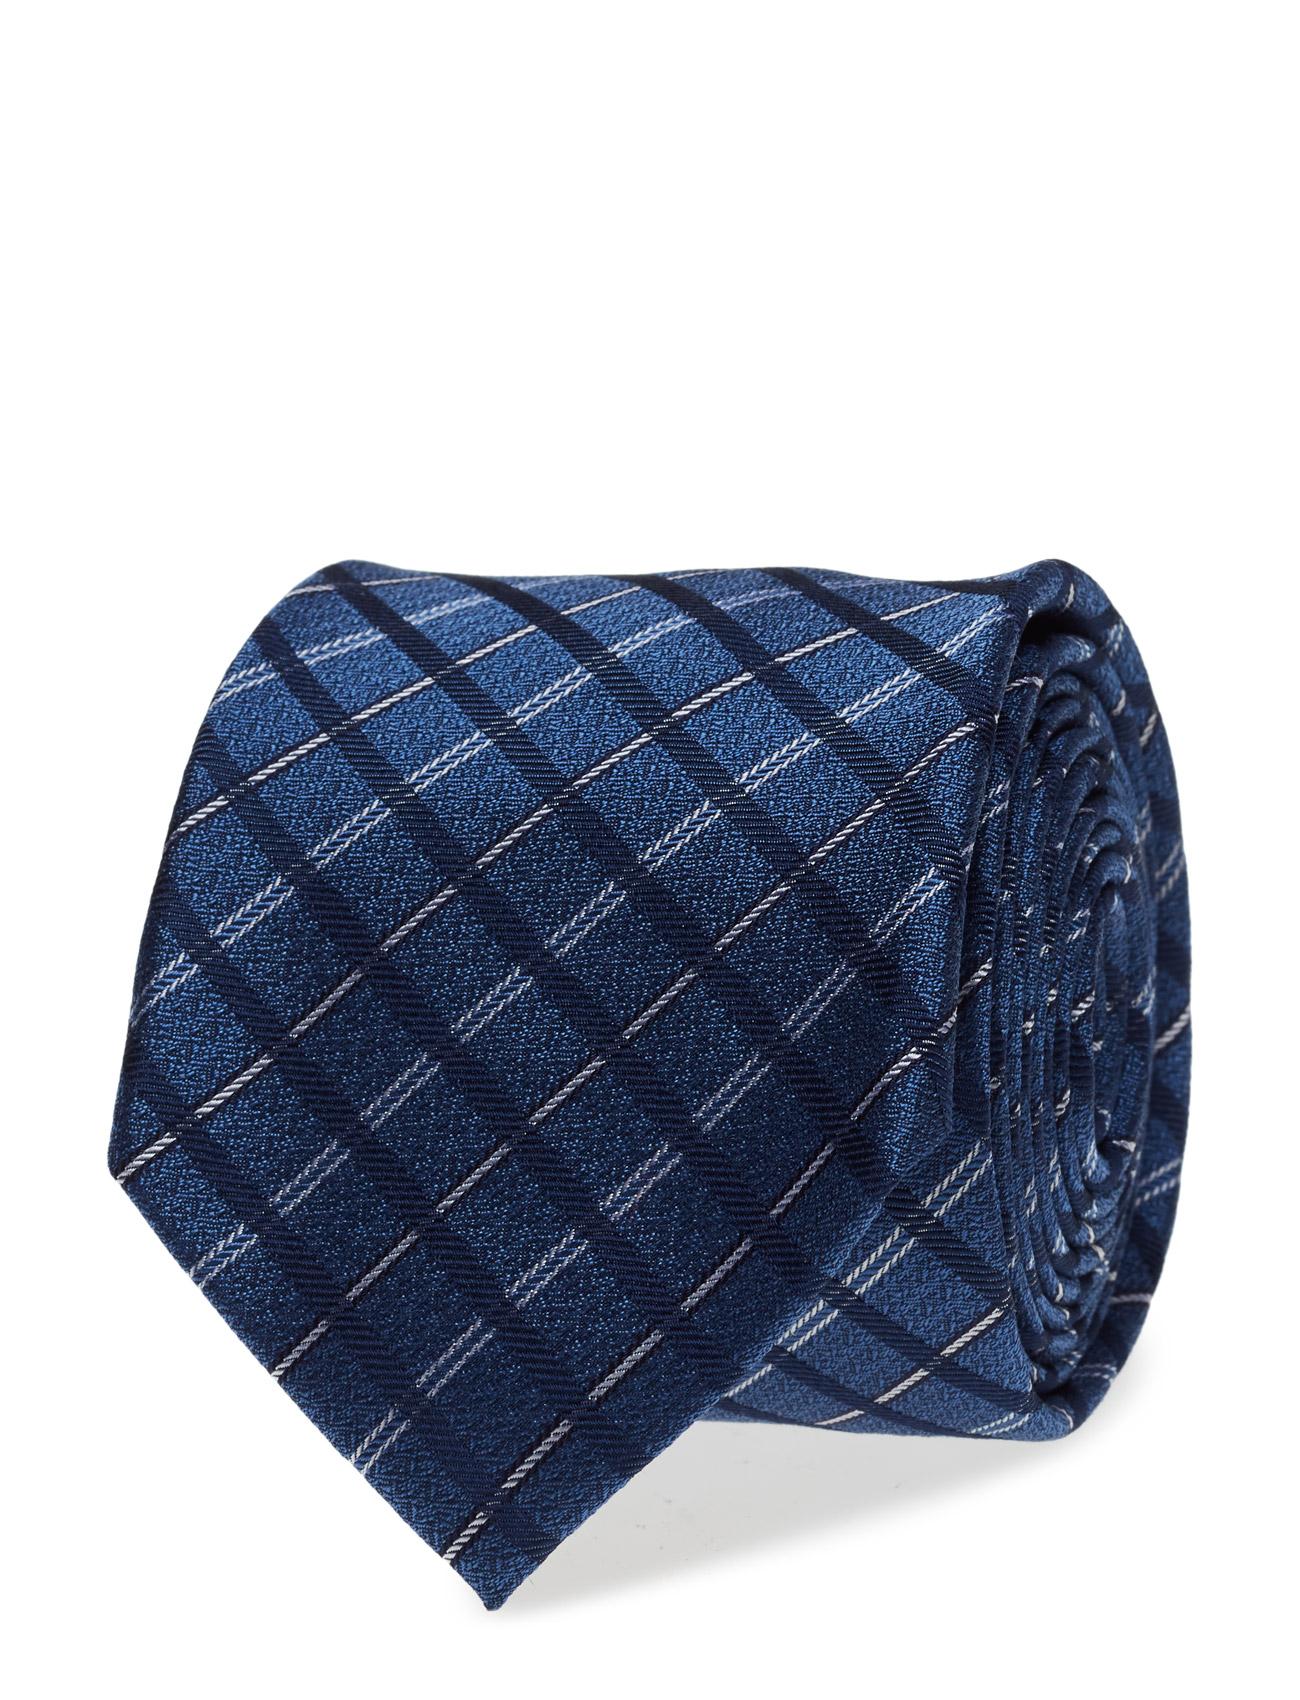 Tie 7 Cm Ttschk17302 Tommy Hilfiger Tailored Accessories til Mænd i Blå